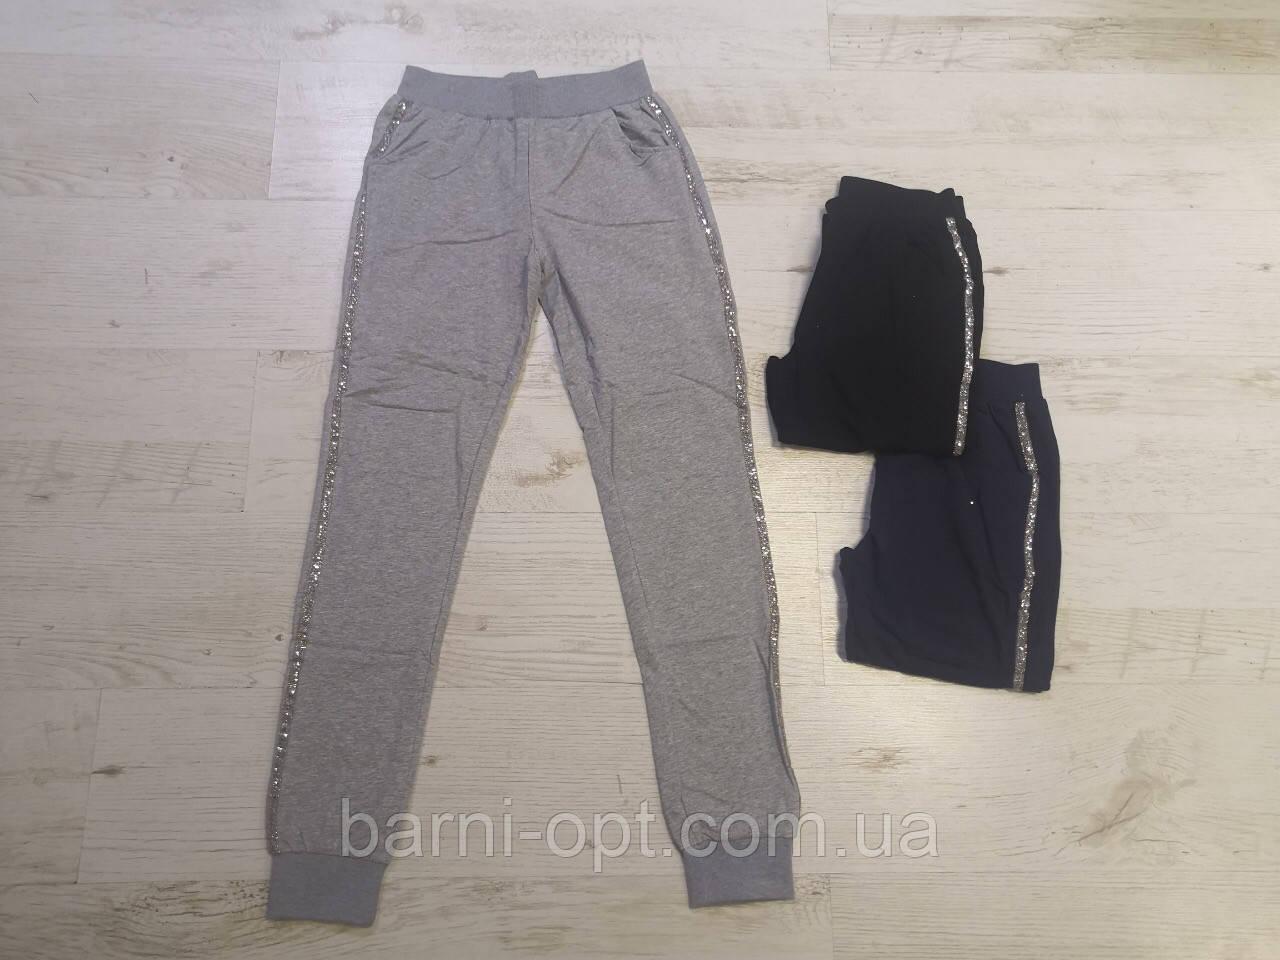 Спортивные брюки для девочек оптом, Seagull, 134-164 рр